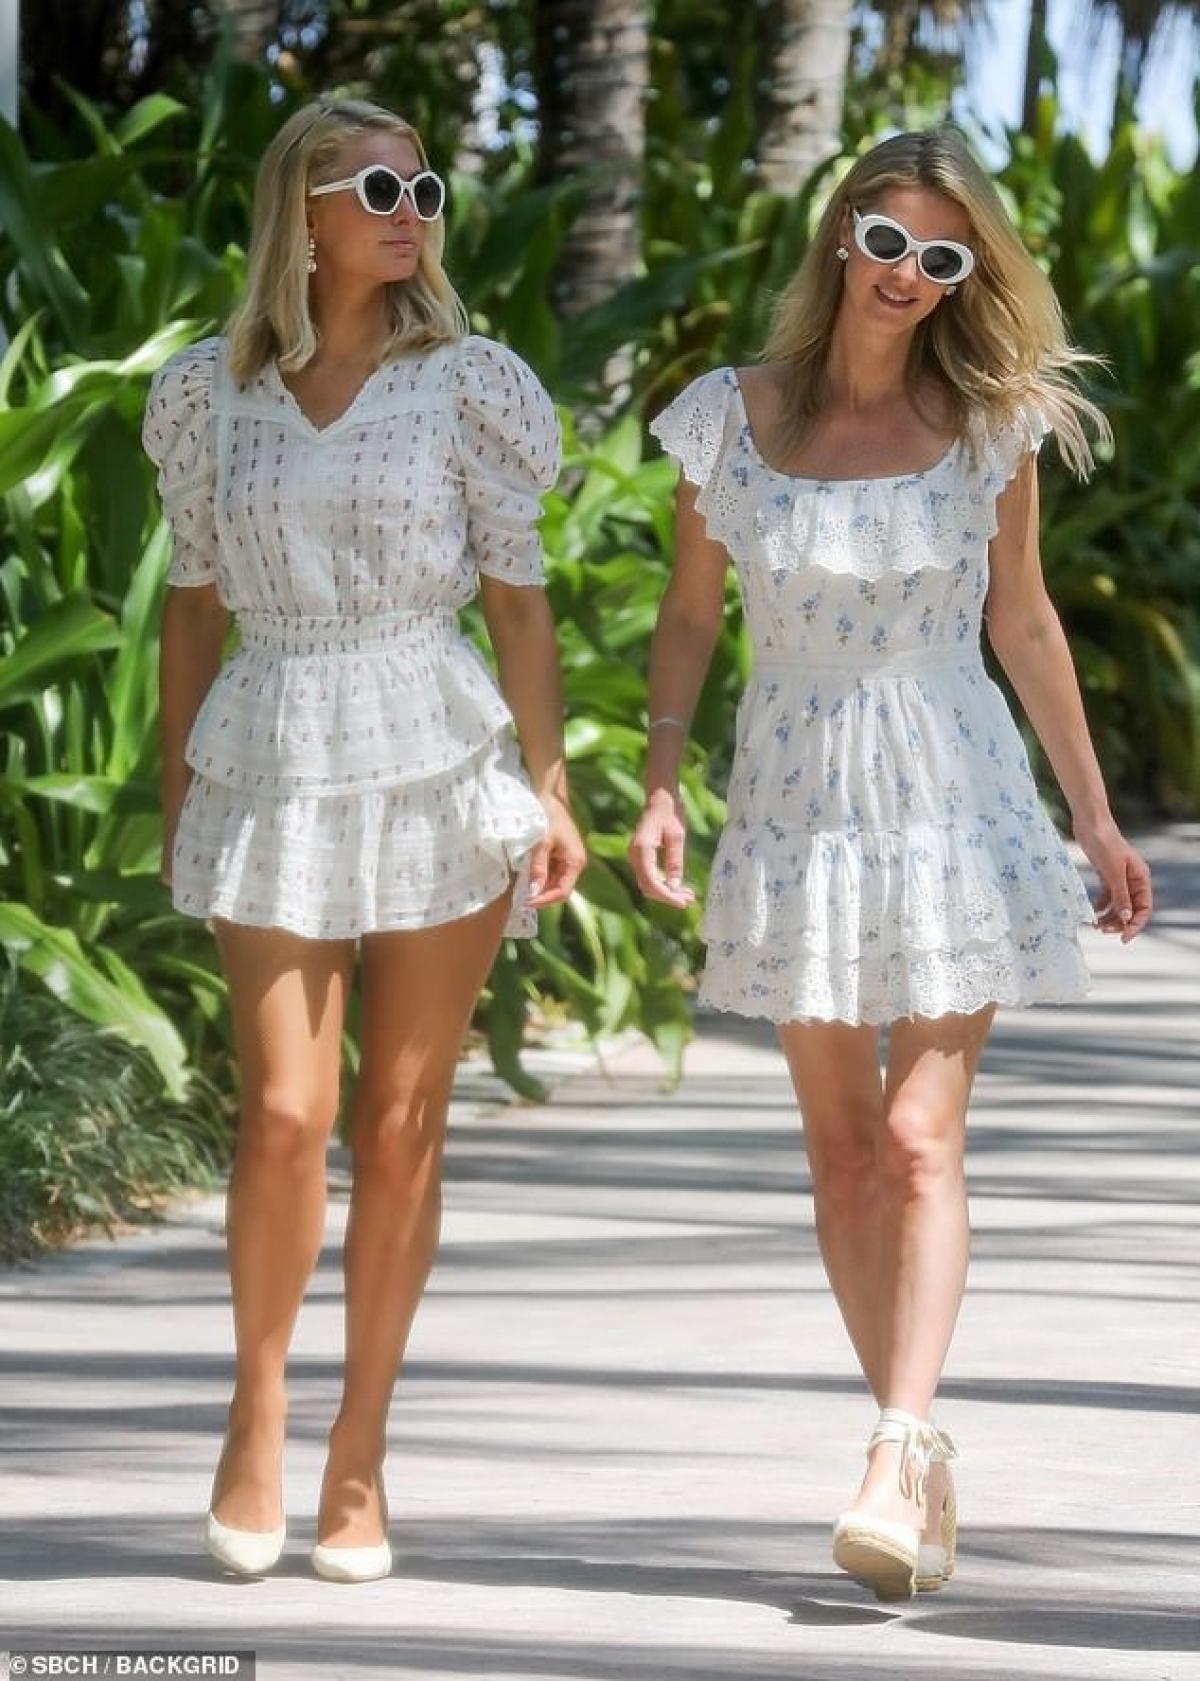 Em gái Paris Hilton thưởng thức cafe nóng hổi khi đi dạo phố Ảnh 4